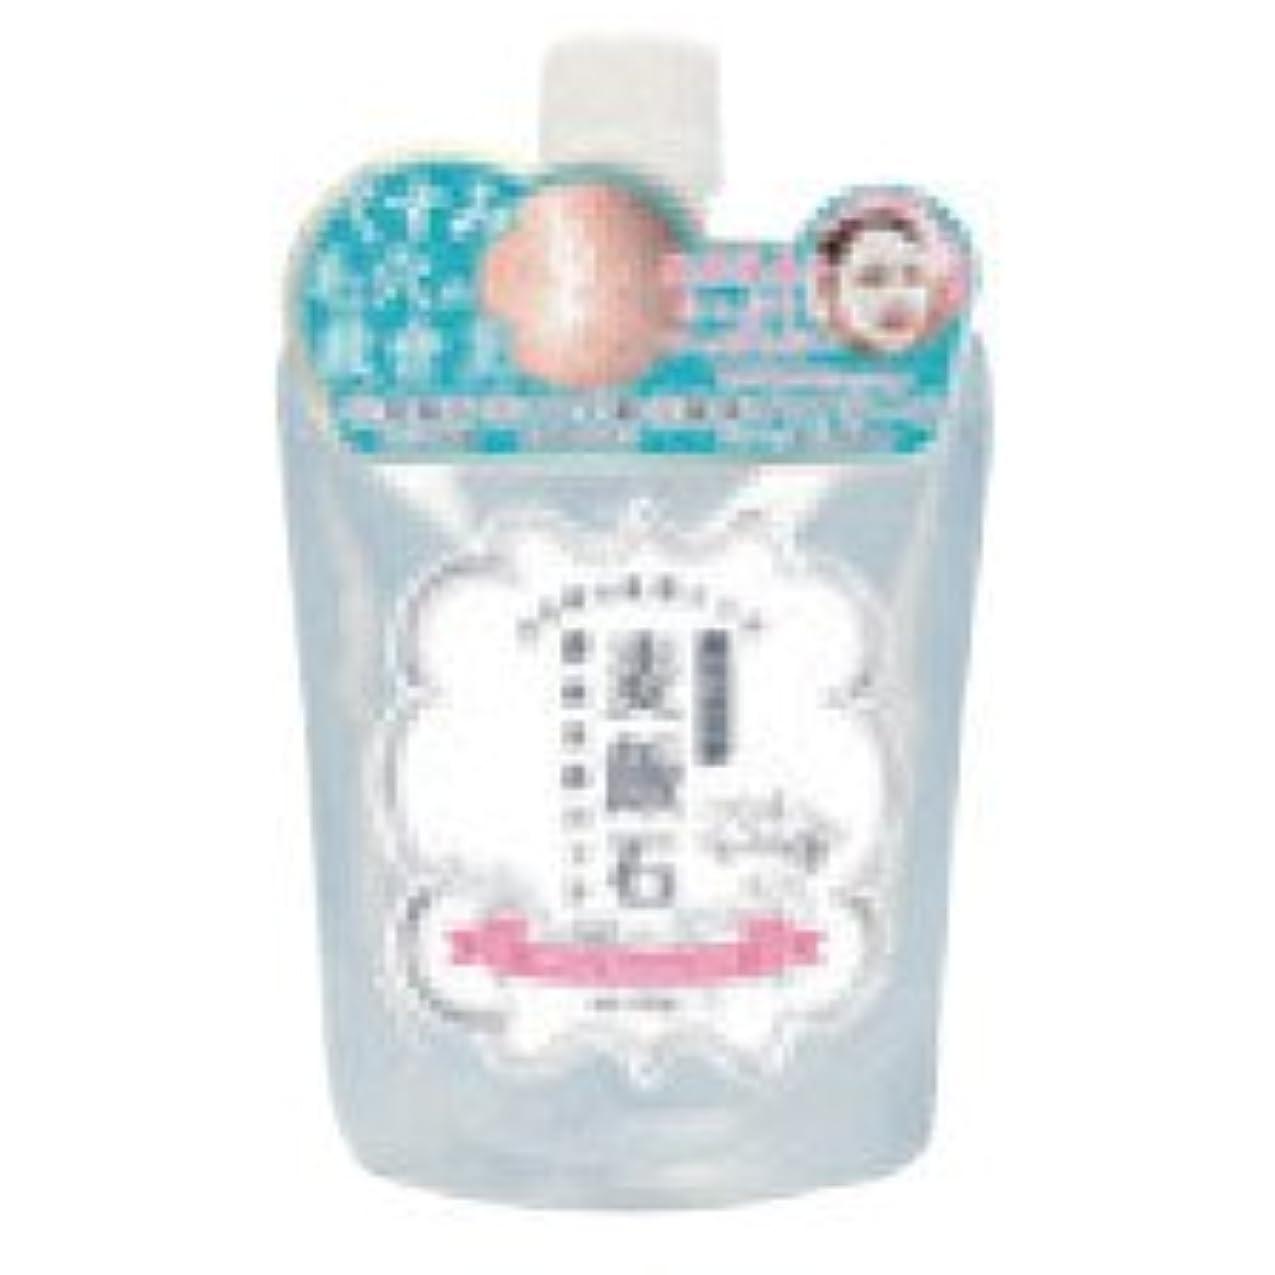 宣言検閲土器ホワイトムースパック 美濃白川麦飯石酵素洗顔パック 100g 3個セット